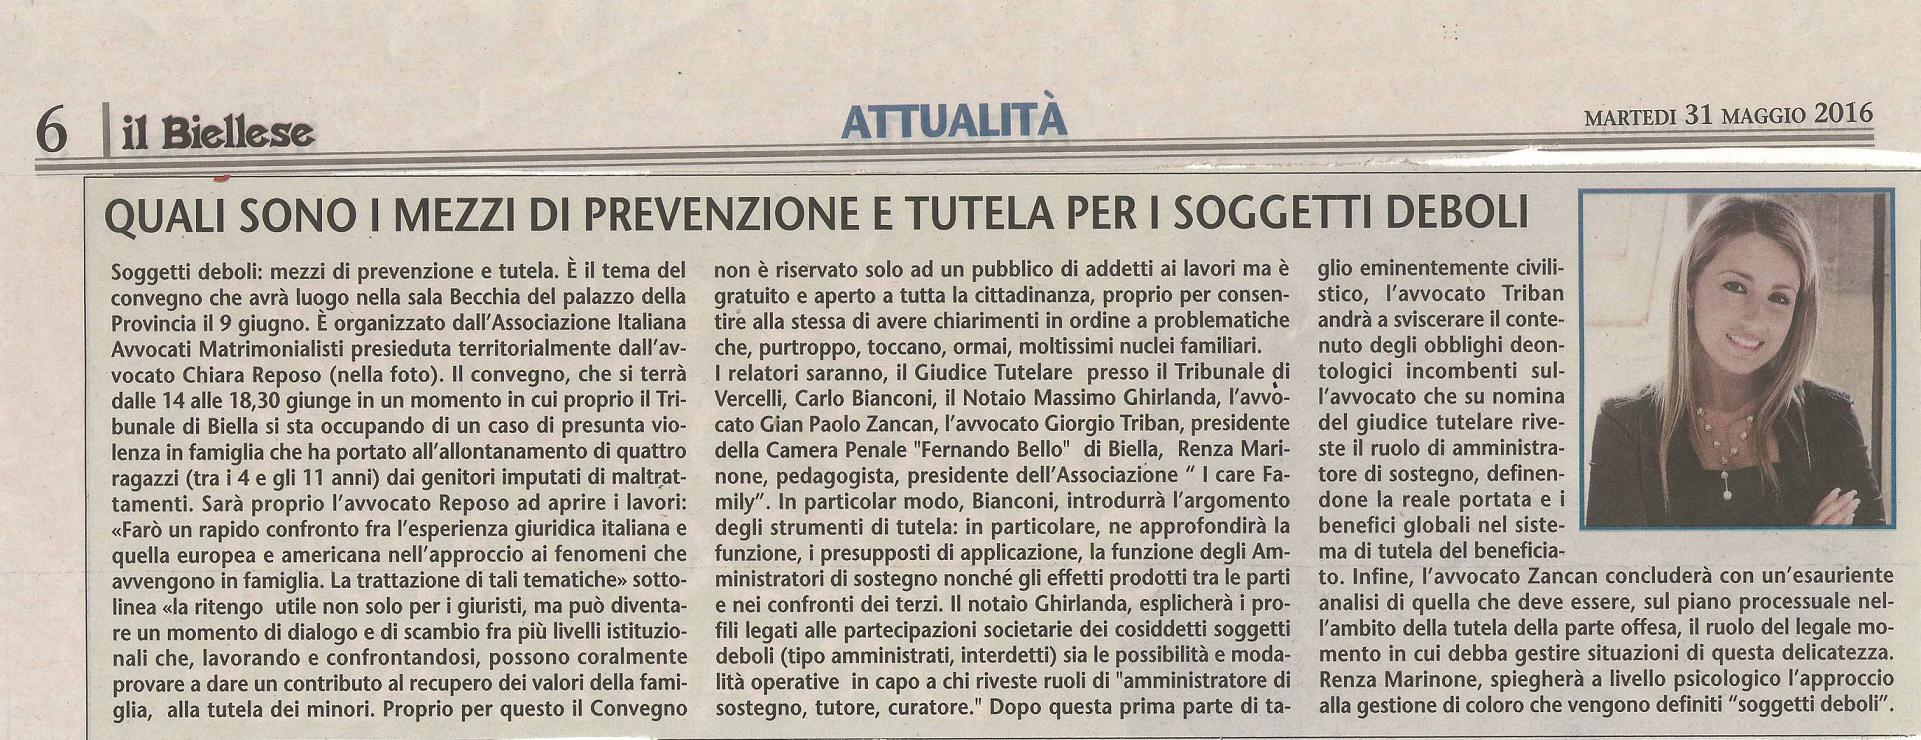 articolo-il-biellese-del-31-05-2016